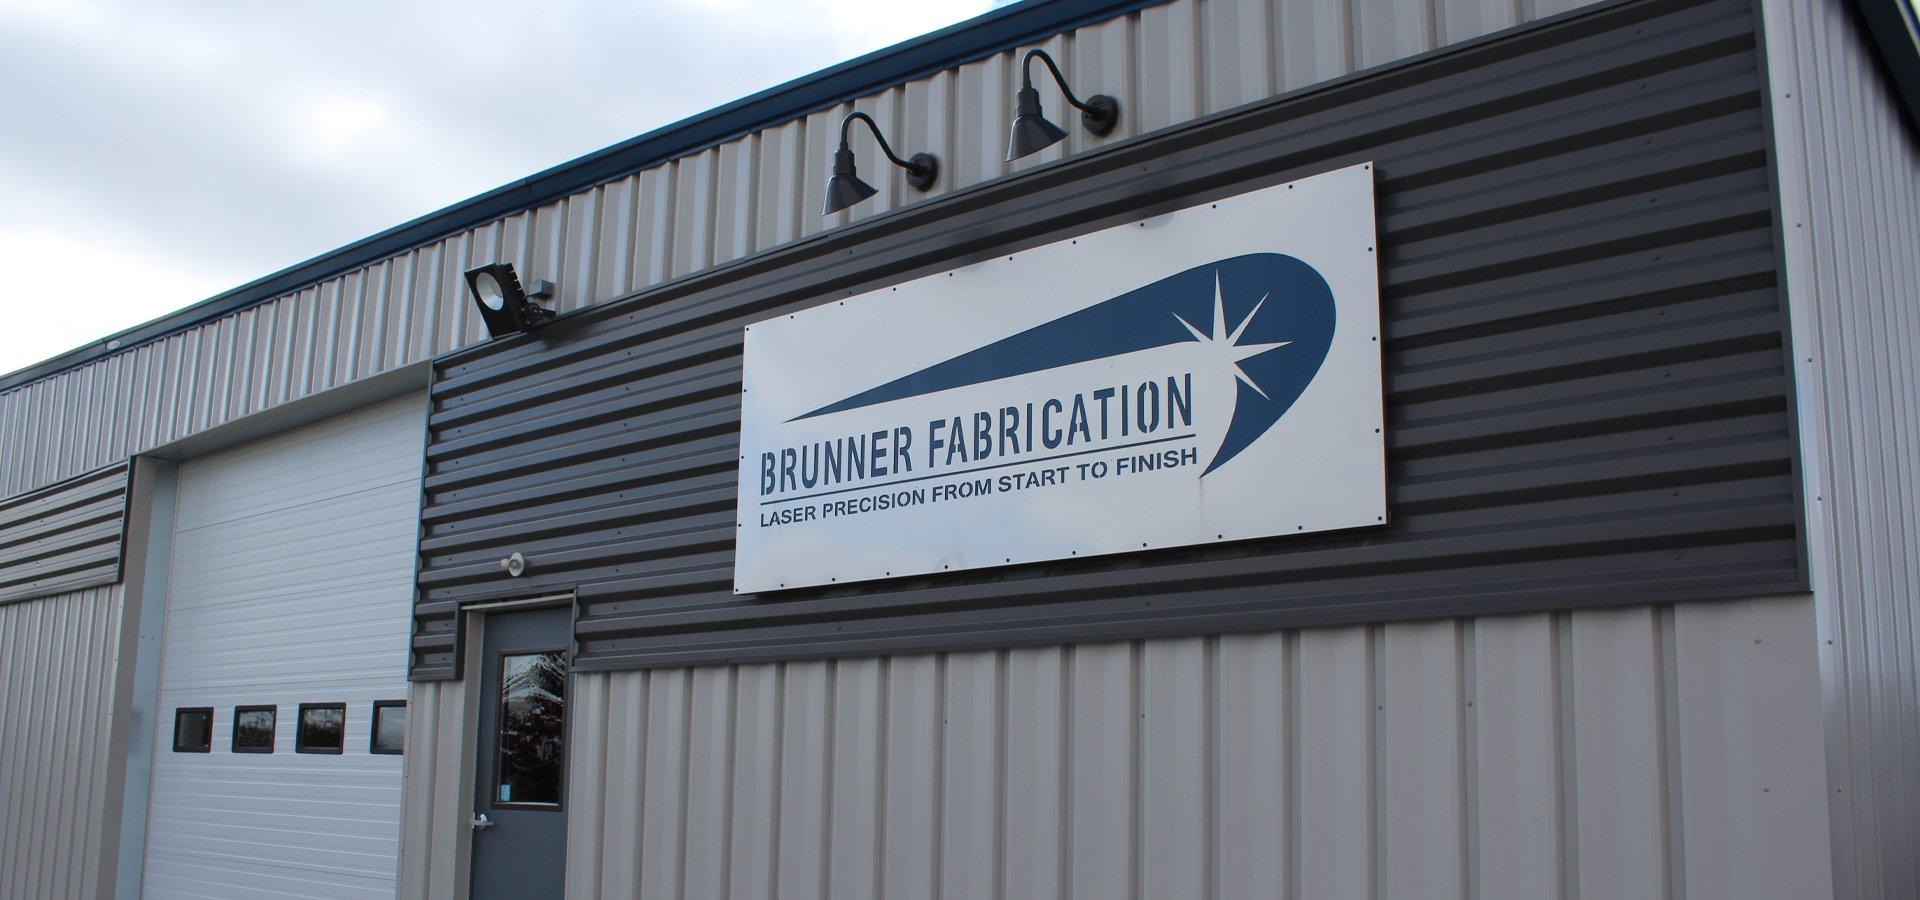 Brunner Fabrication, LLC